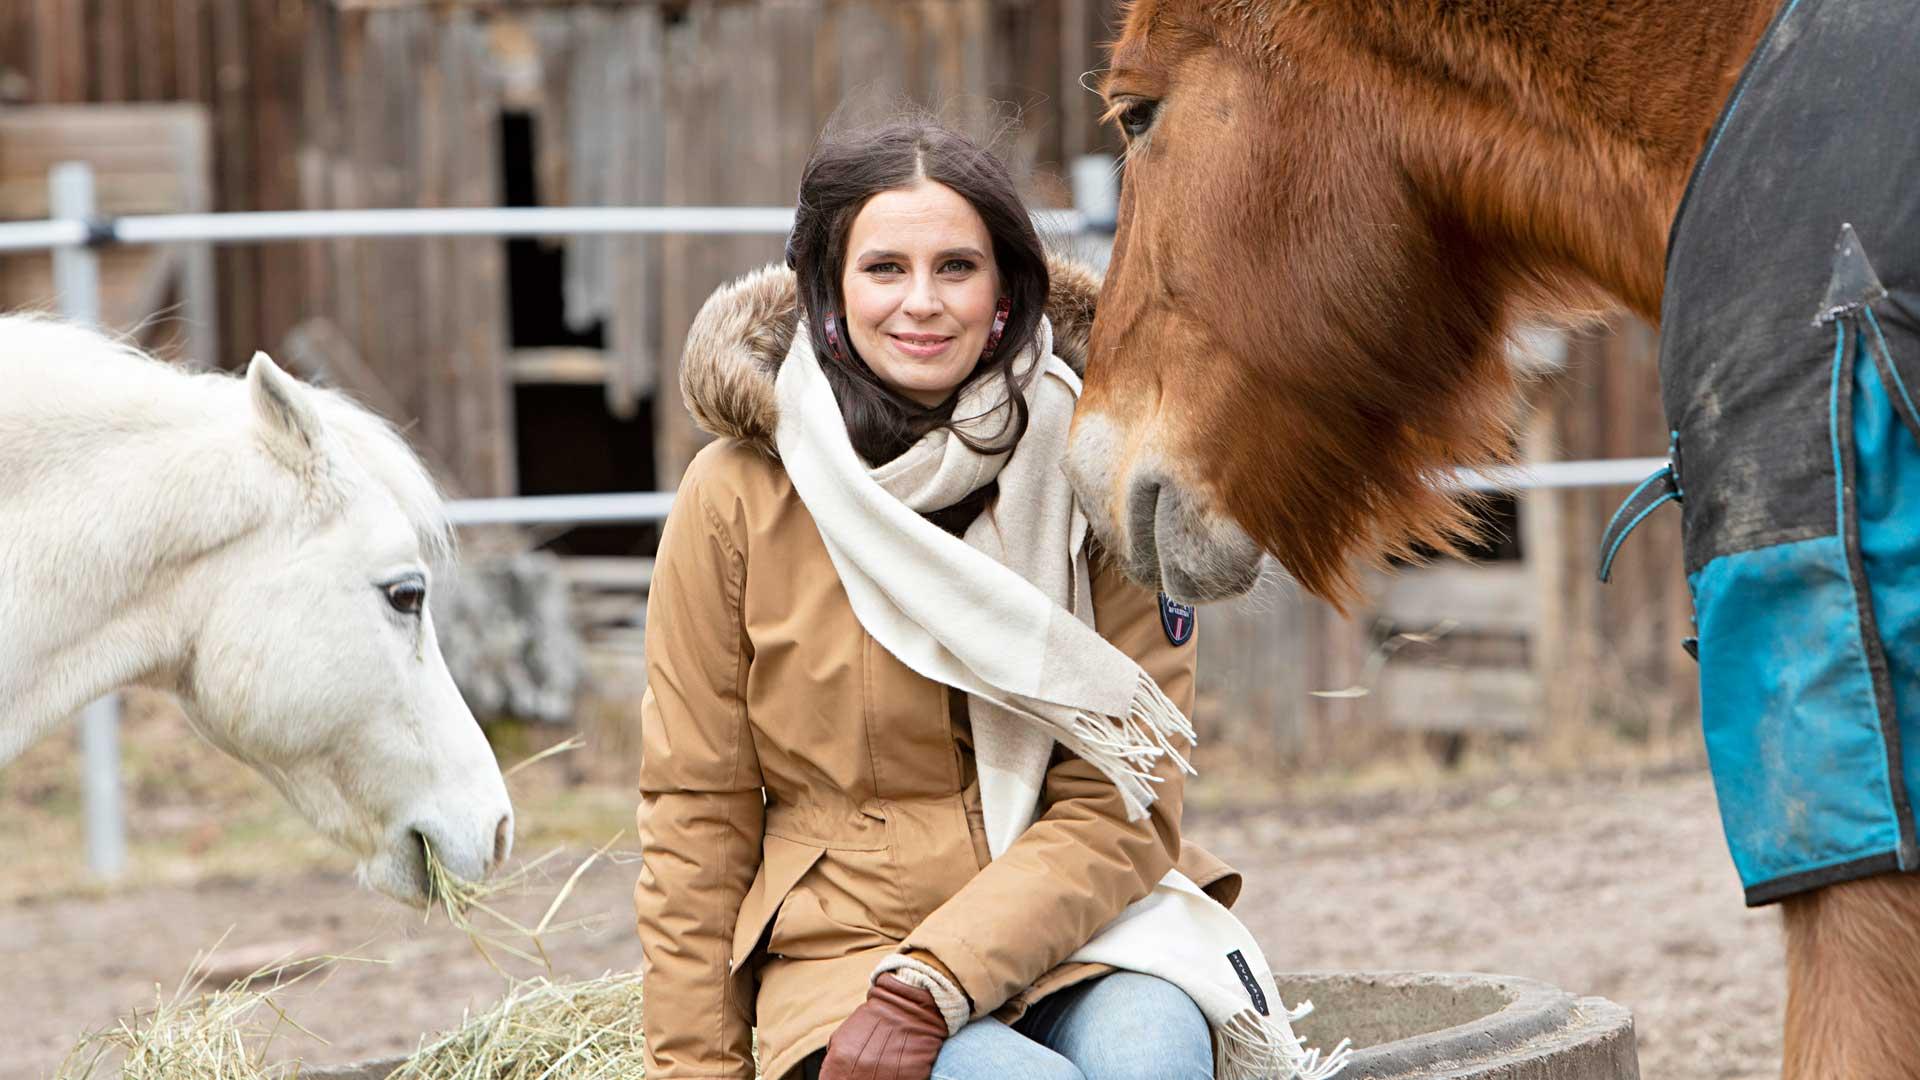 Olga tunnetaan näyttelijätyön lisäksi kotieläintilastaan Olgan Farmi.